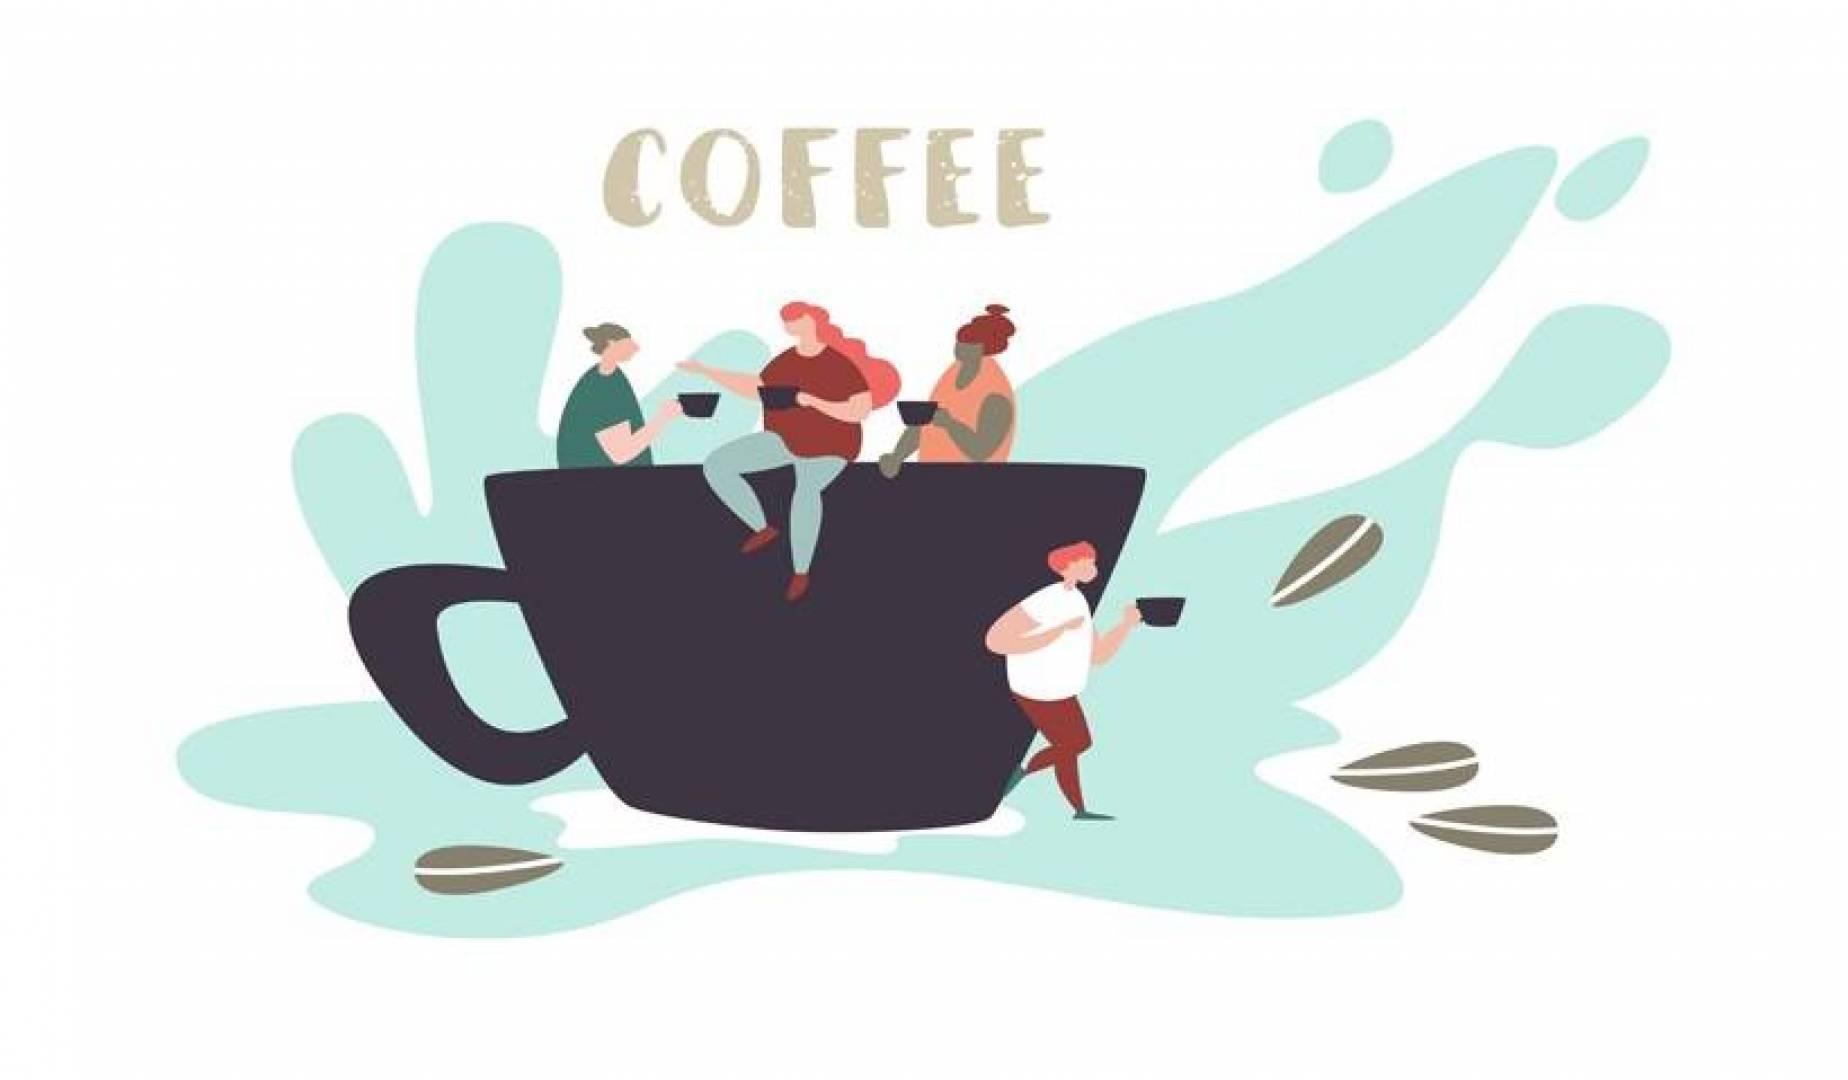 شرب القهوة مفيد لصحة الجهاز الهضمي وبكتيريا الأمعاء